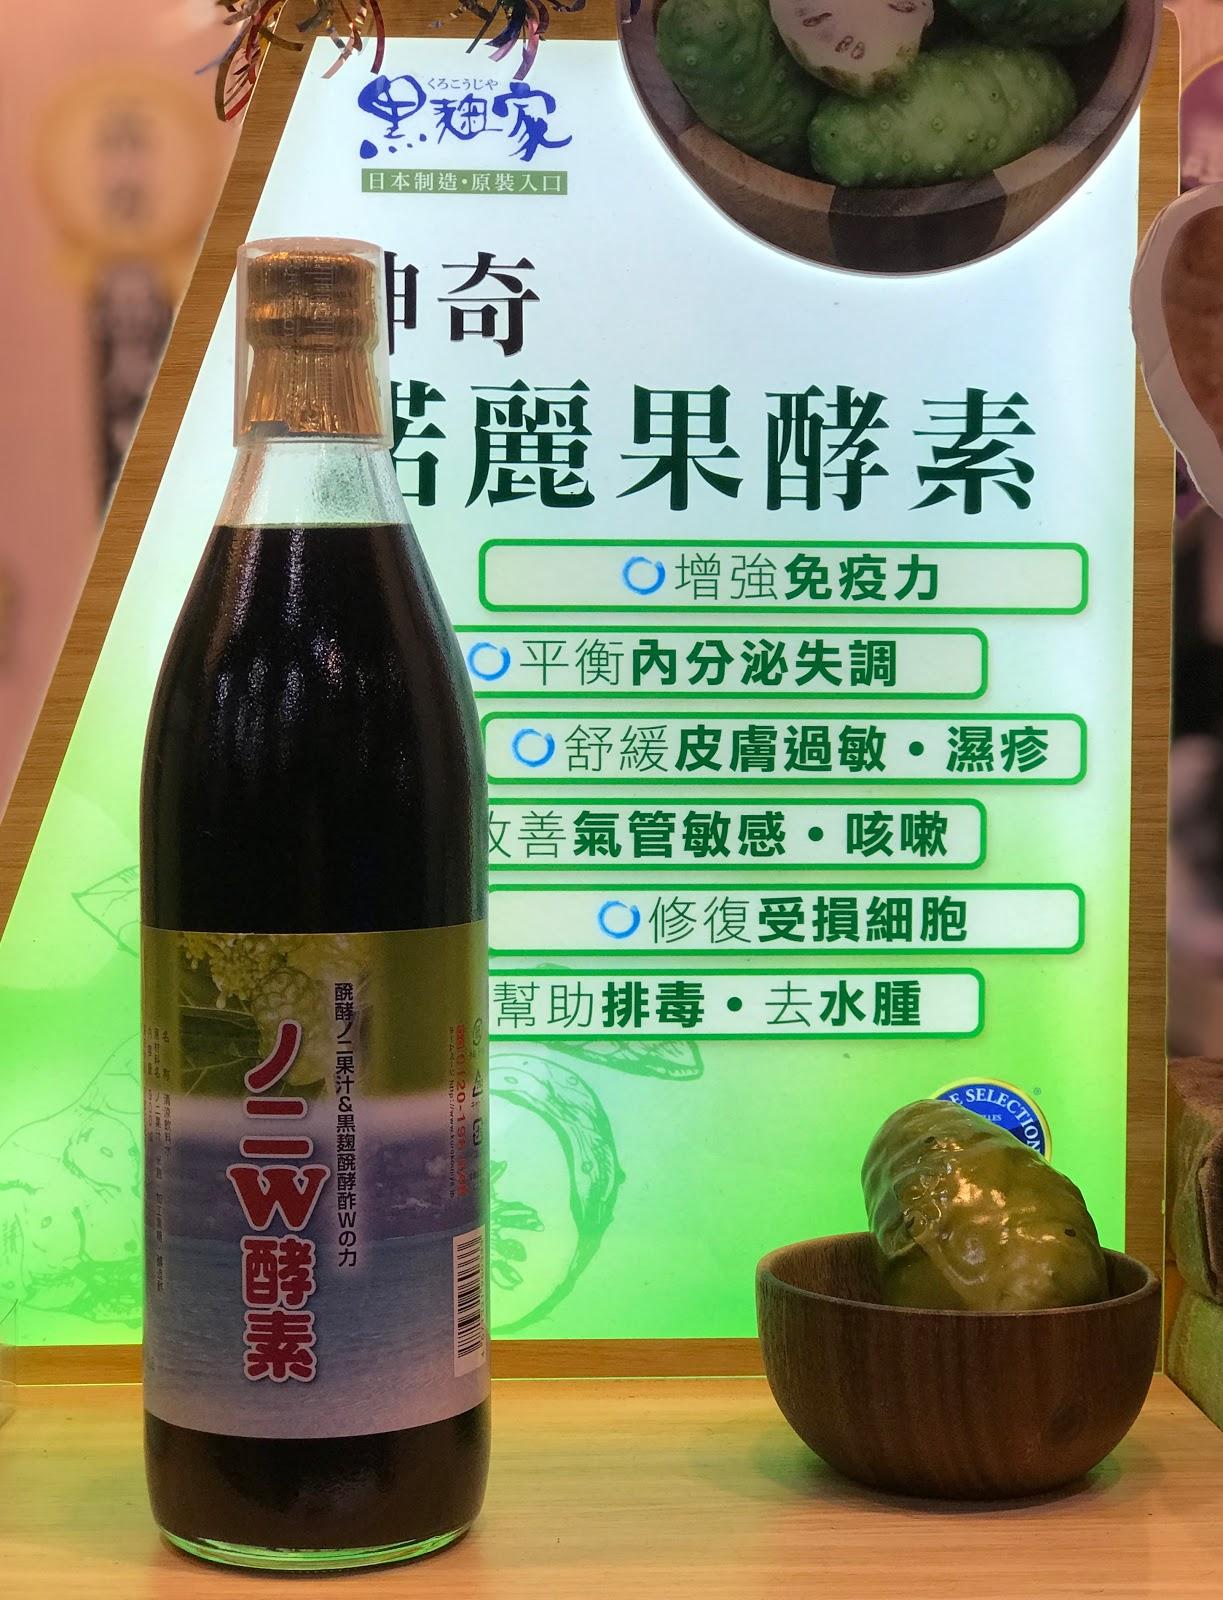 [保健品] ∵∥ 天然黑麴發酵 養生保健 の 選 ∥∴ 沖繩黑麴家醪醋 – тιғғαɴy ѕнαrιɴɢ corɴer